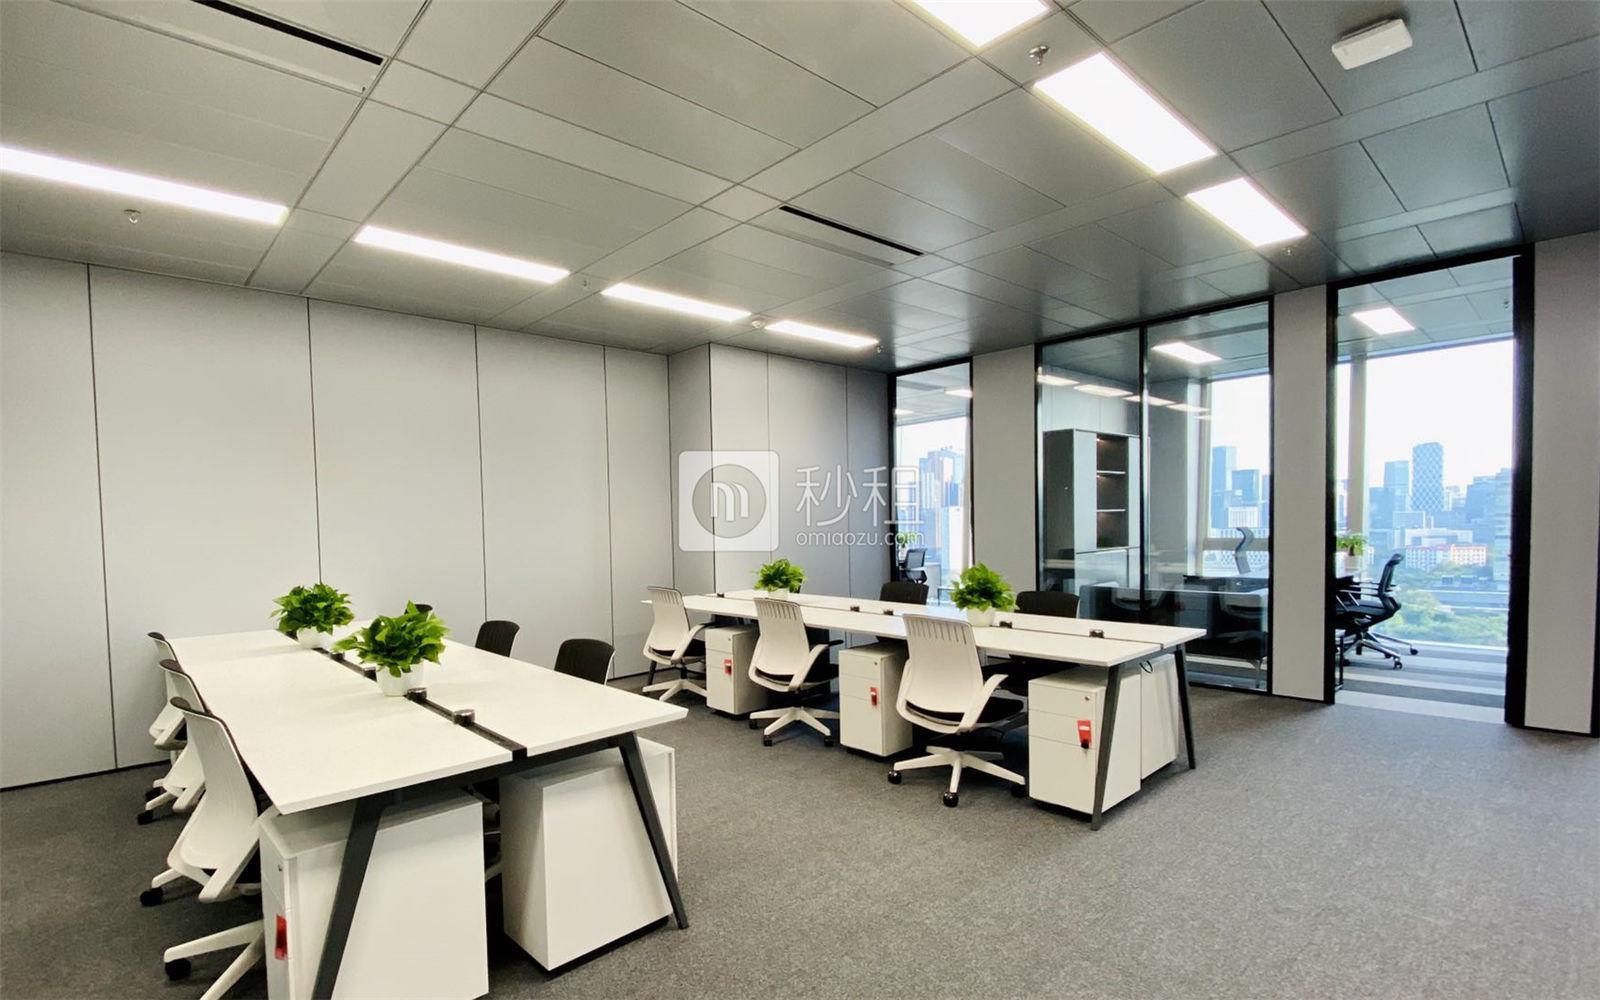 办公室装修时如何体现企业特色?